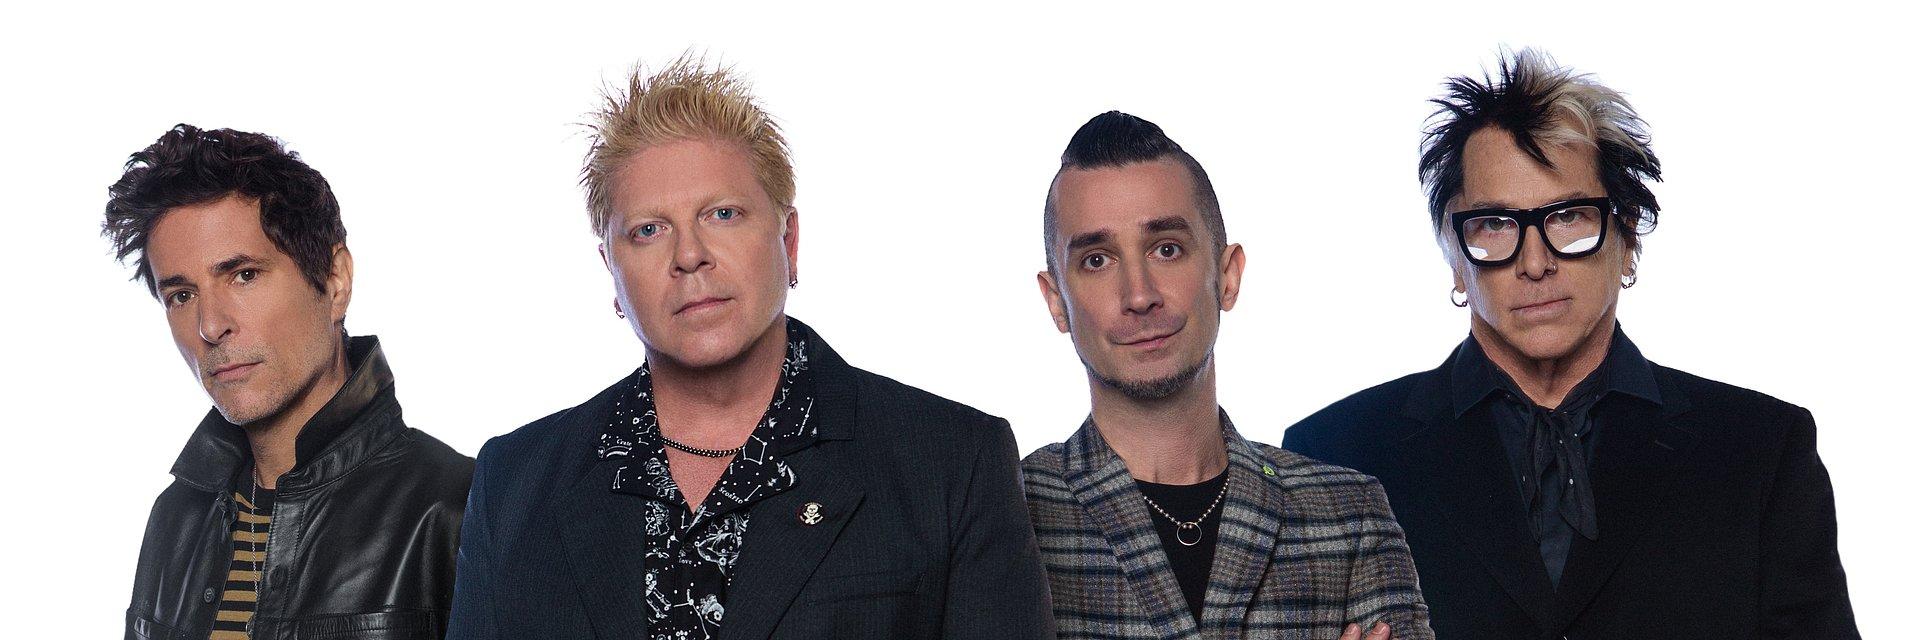 """The Offspring ze strzałem w dziesiątkę – album """"Let The Bad Times Roll"""" już dostępny"""